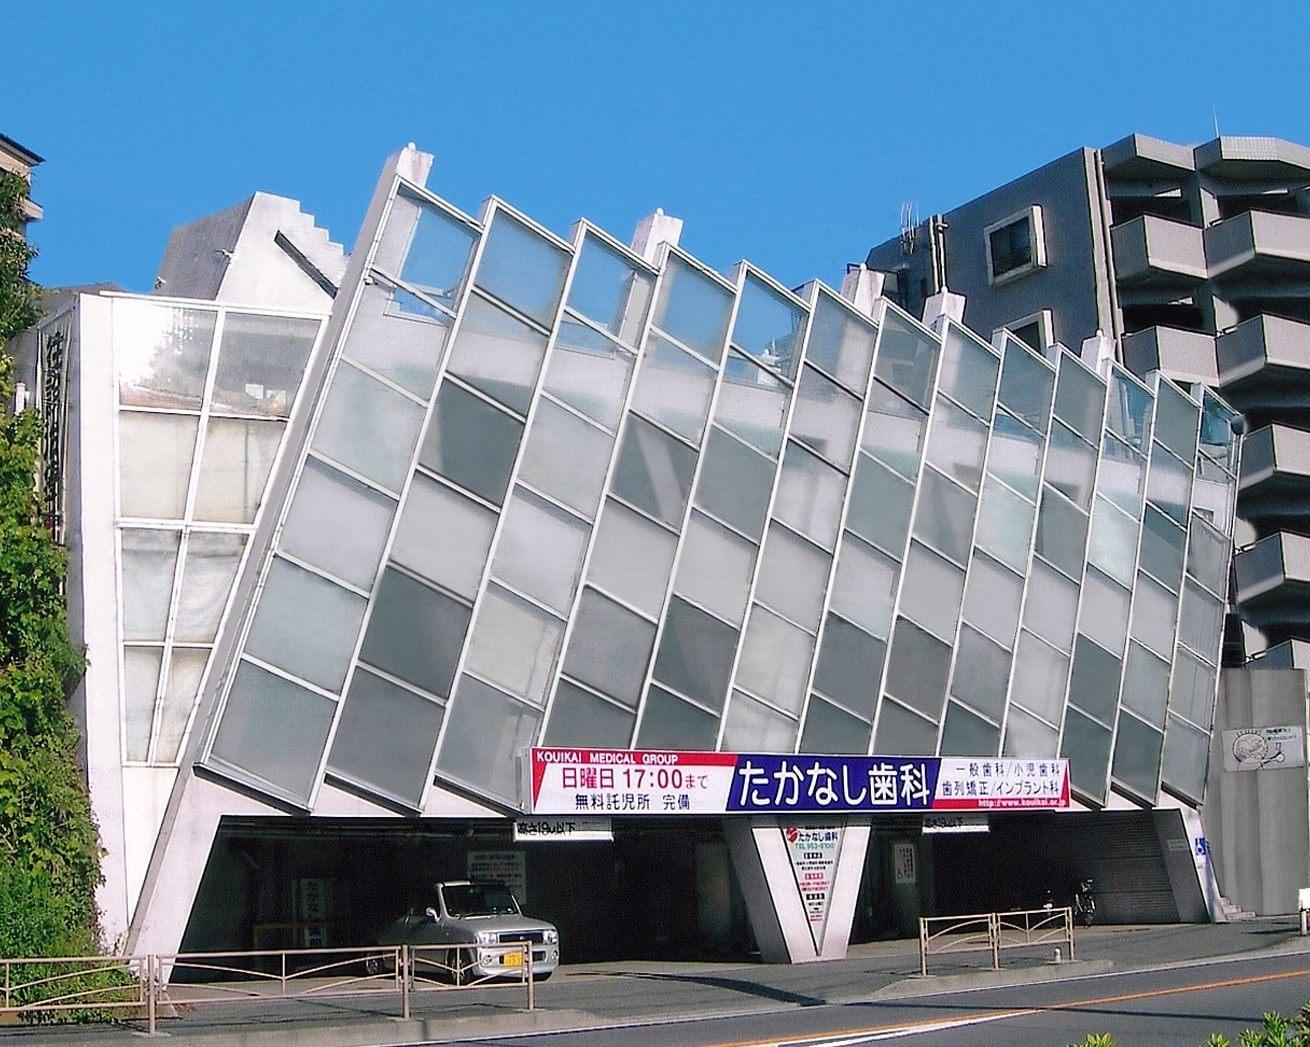 鶴ケ峰駅 北口徒歩7分 たかなし歯科写真7